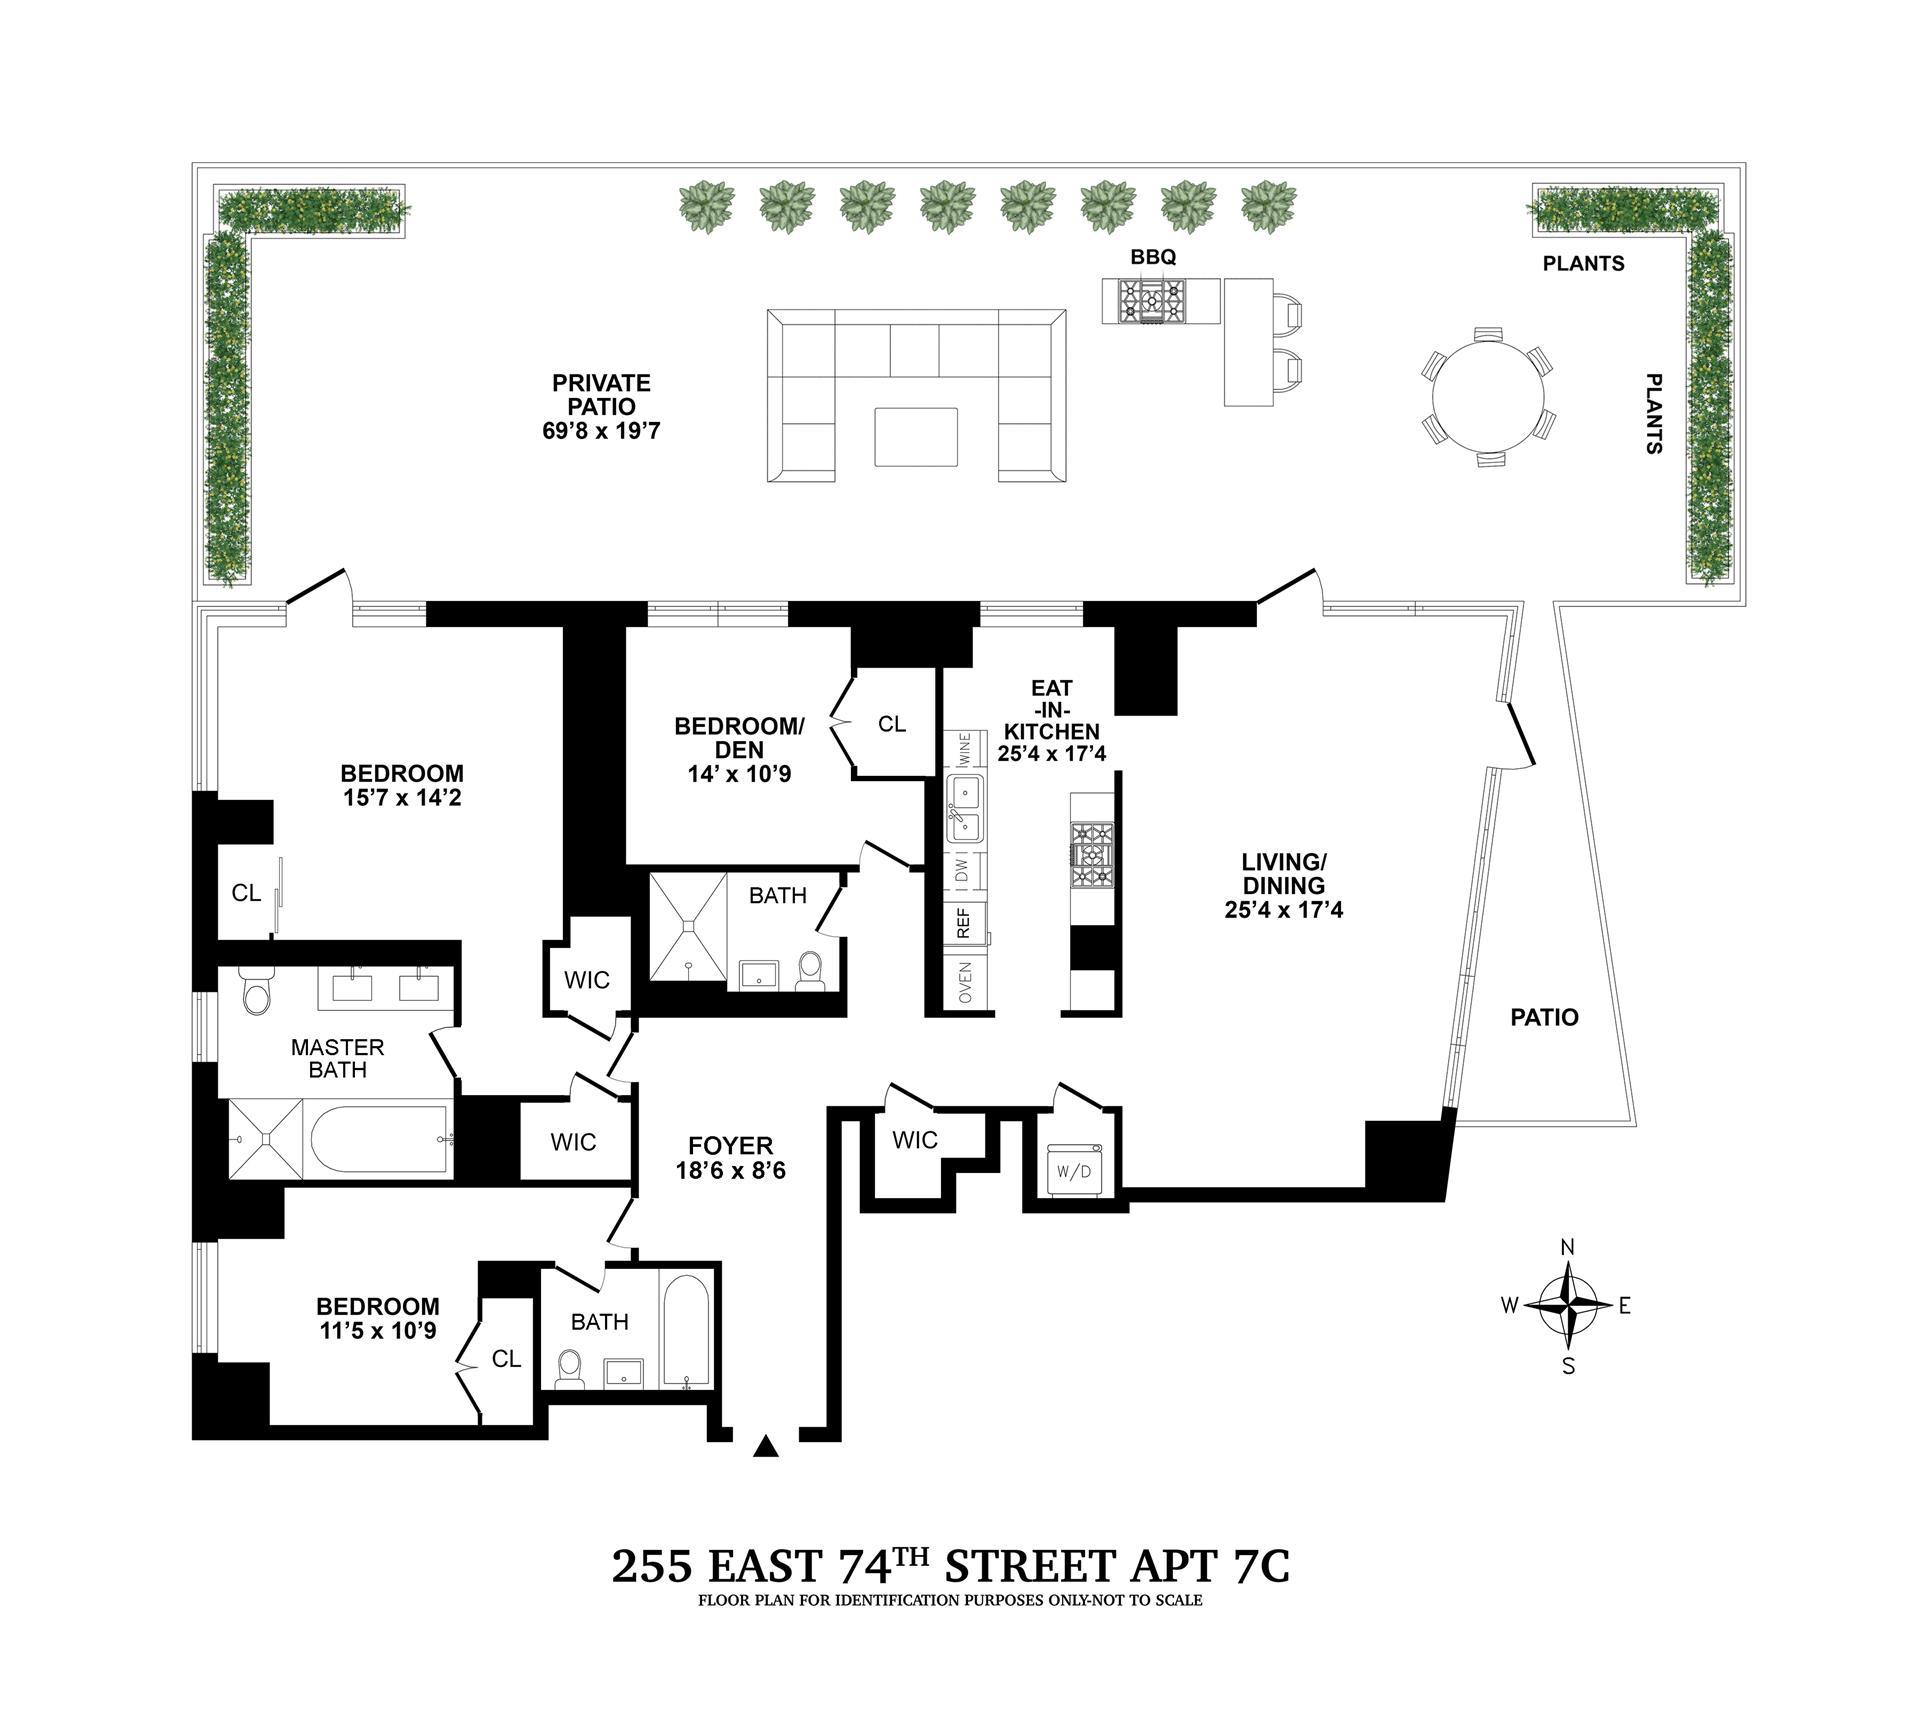 Floor plan of CASA 74, 255 East 74th St, 7C - Upper East Side, New York